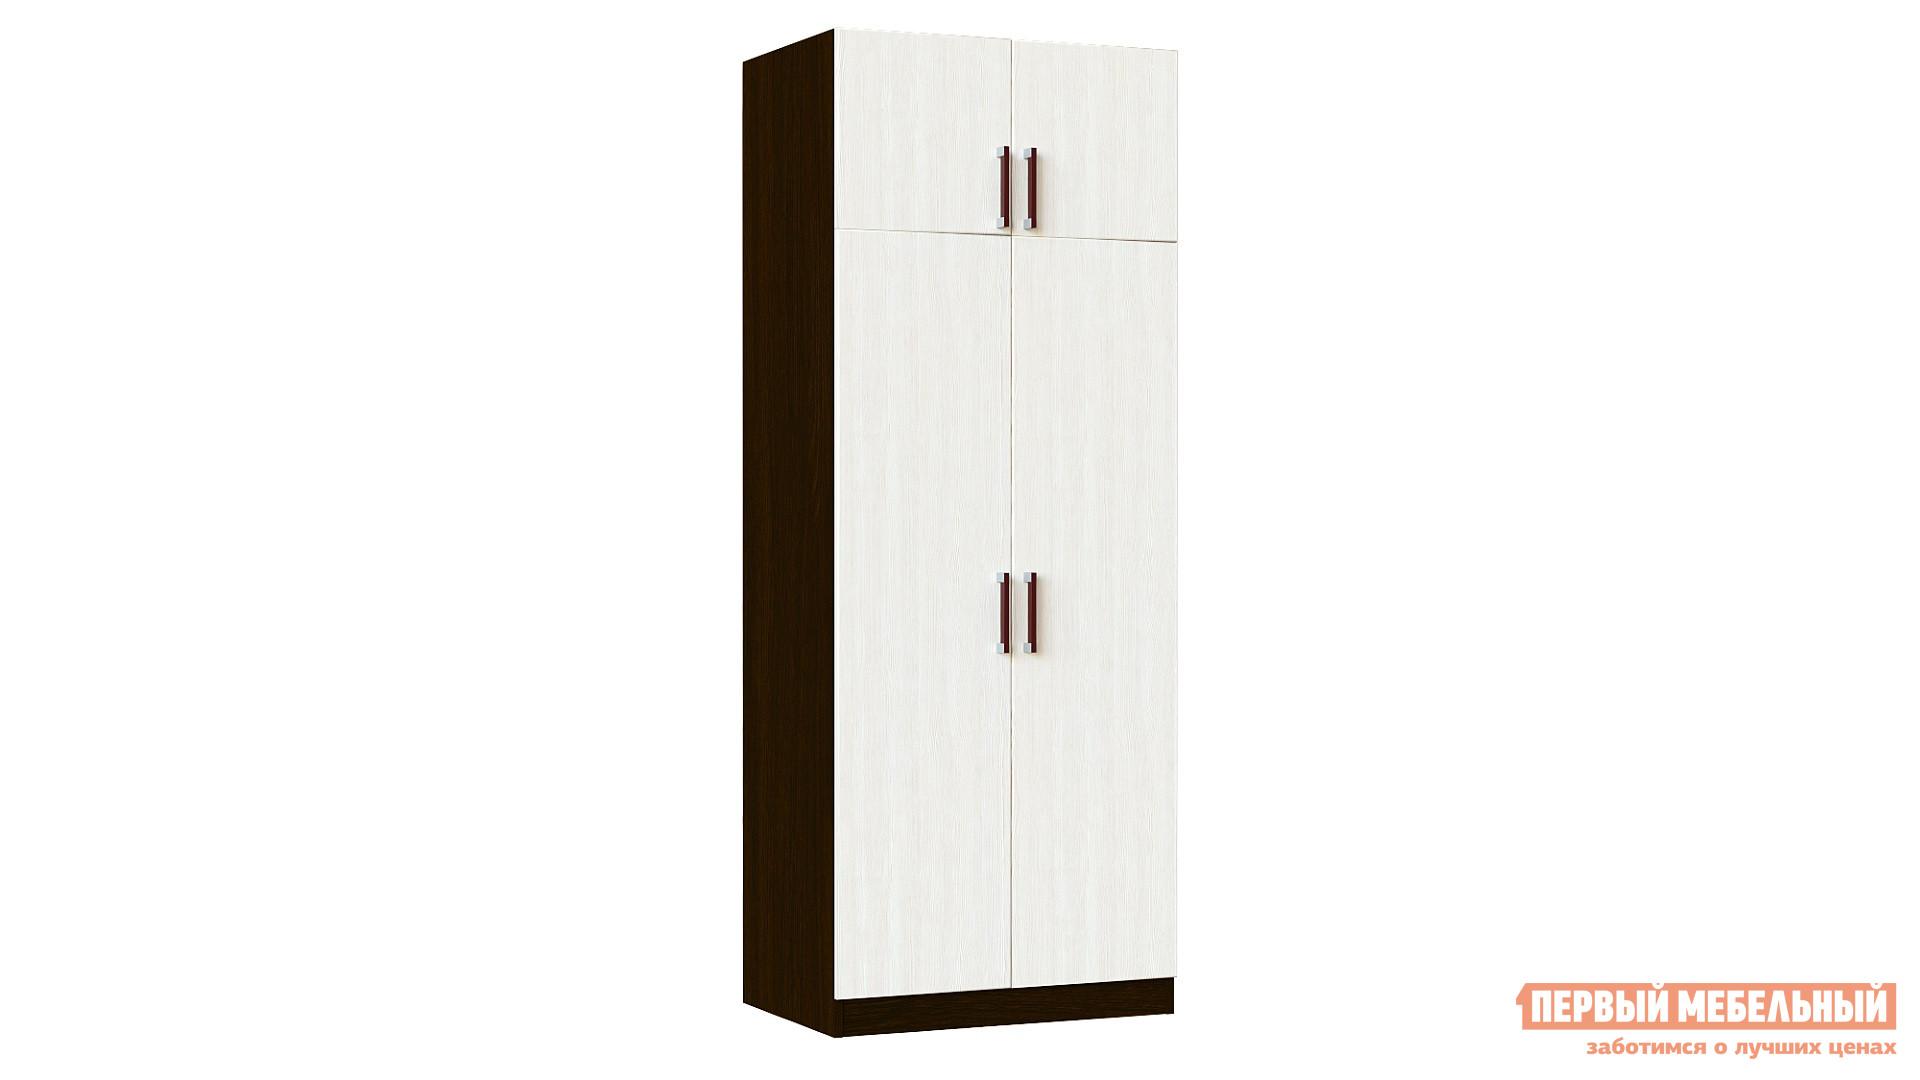 Распашной шкаф  Шкаф Лидер 2 Венге / Лоредо — Шкаф Лидер 2 Венге / Лоредо